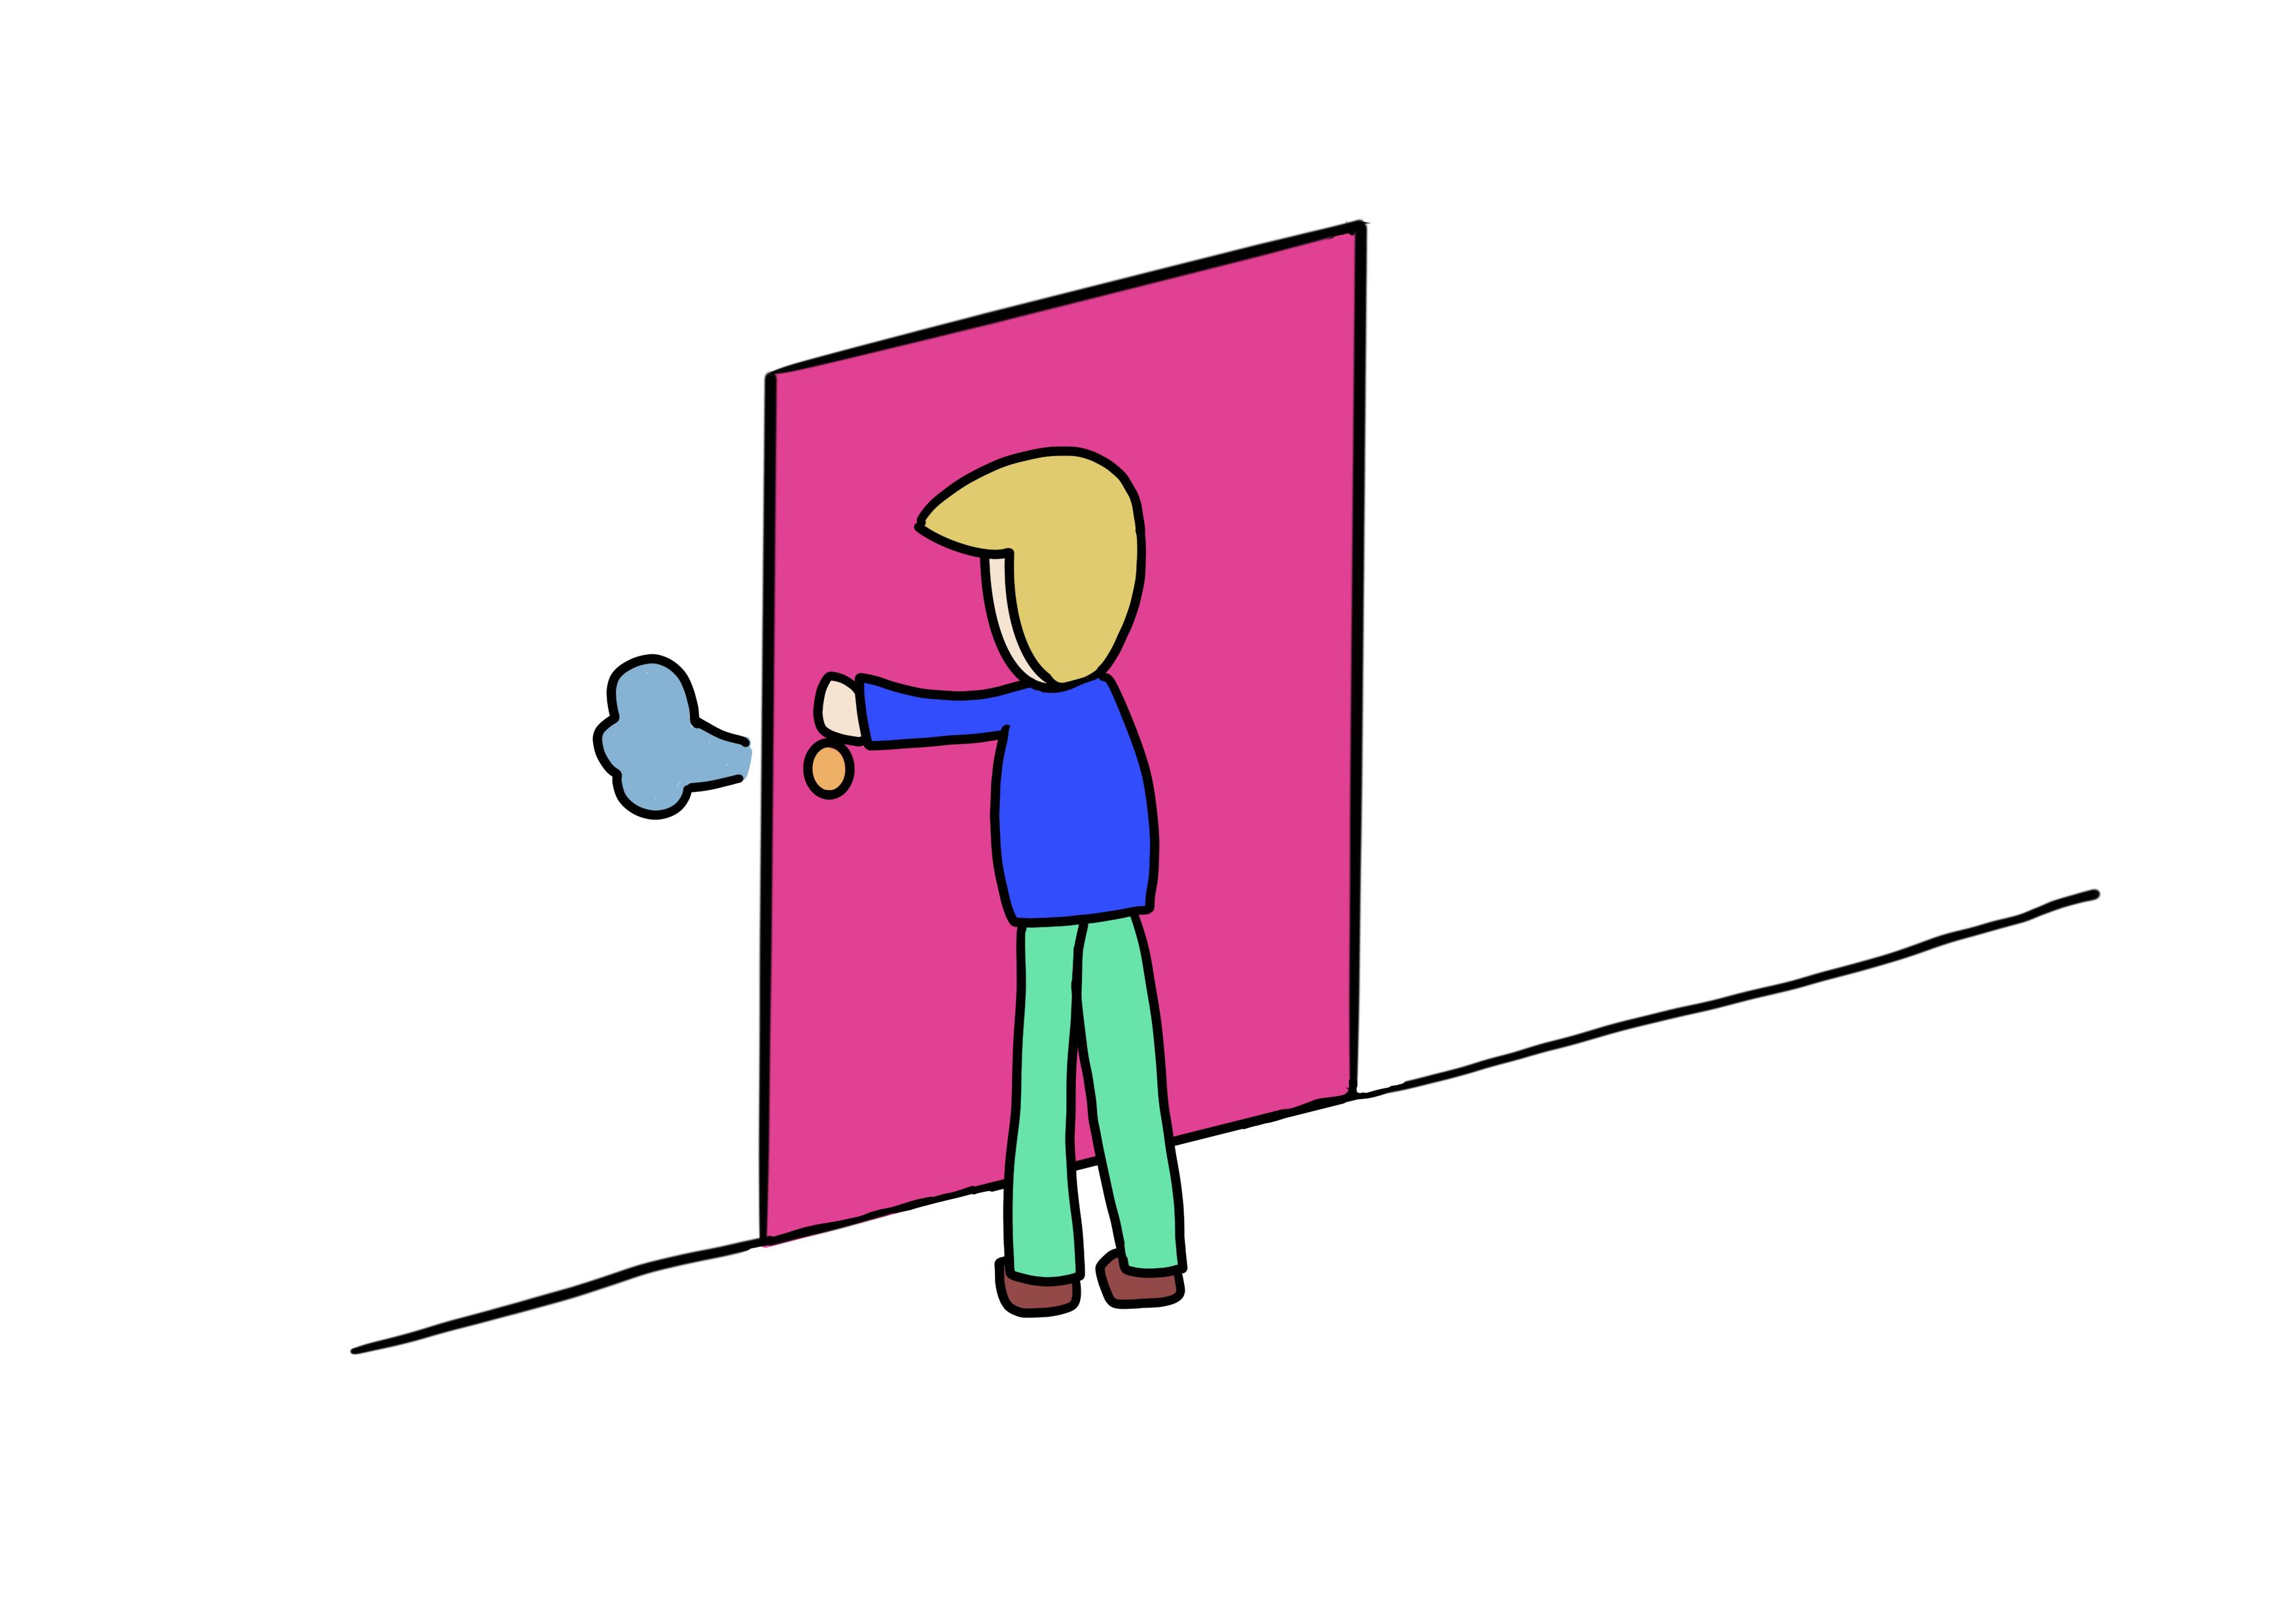 29課イラスト【閉める】